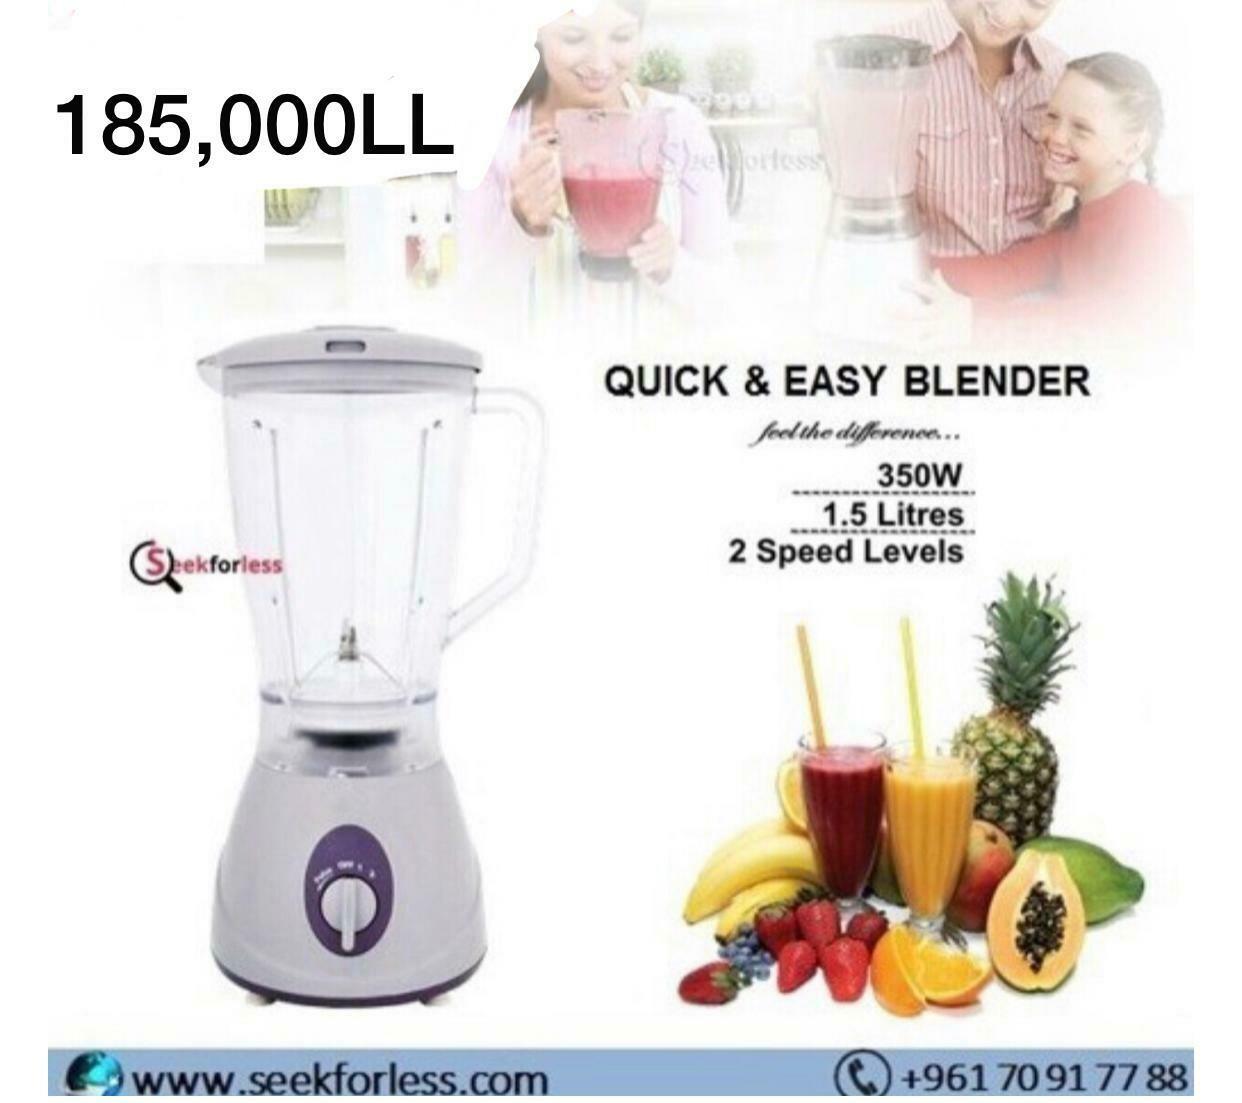 Quick & Easy Blender